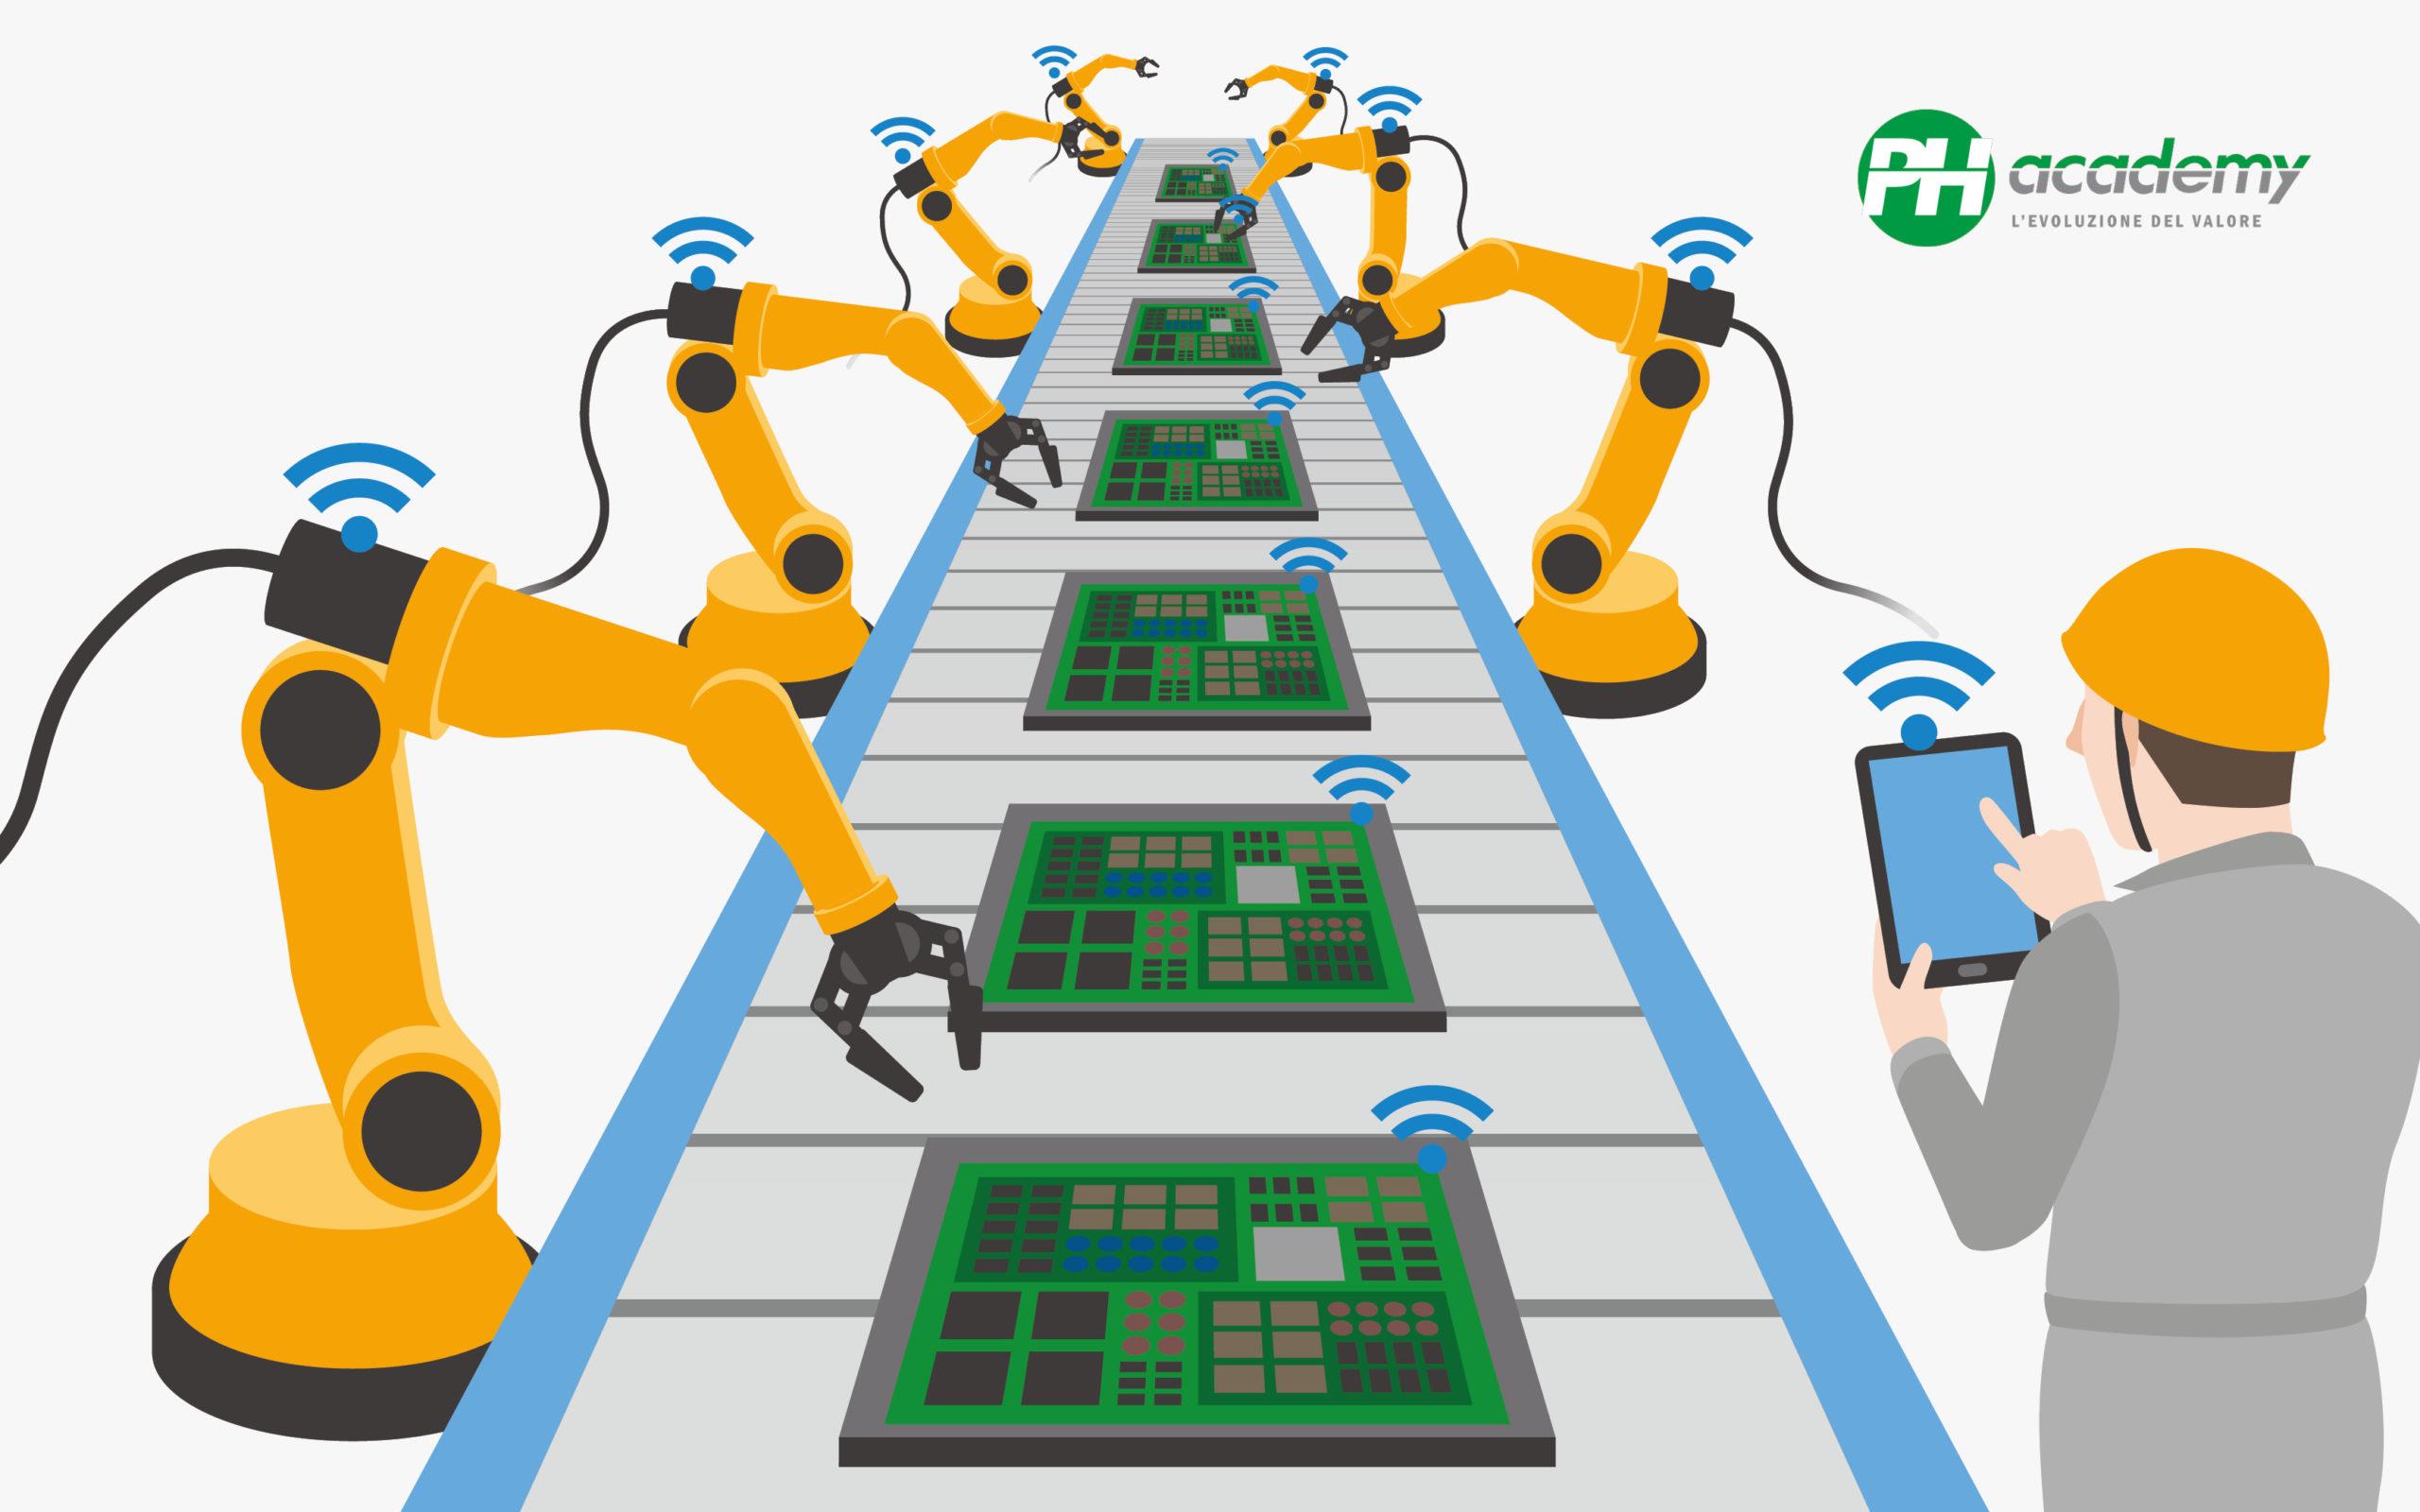 industria 4.0 tecnico meccatronico